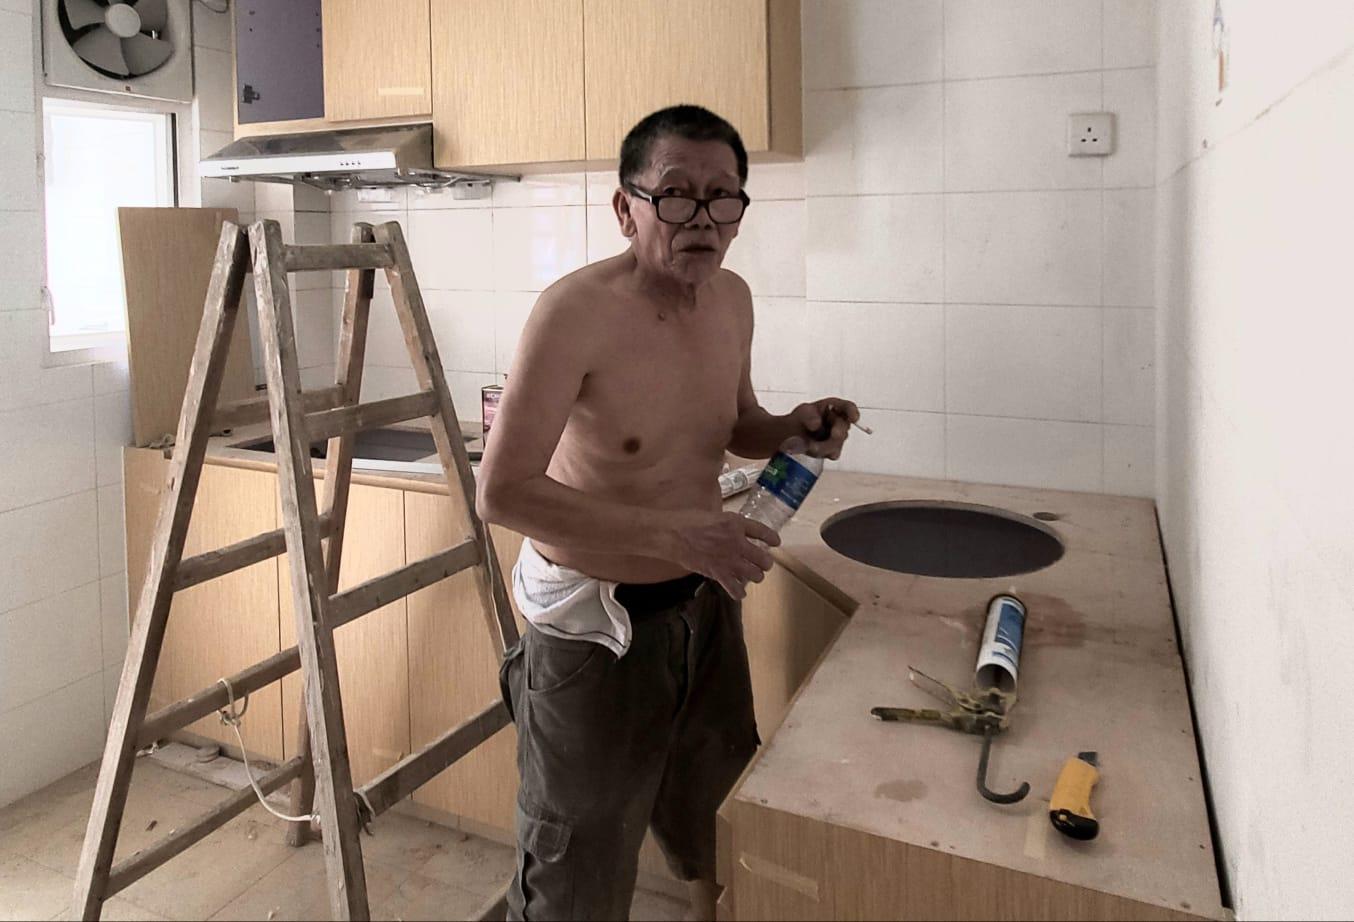 装修工人吴先生目击拘捕过程。